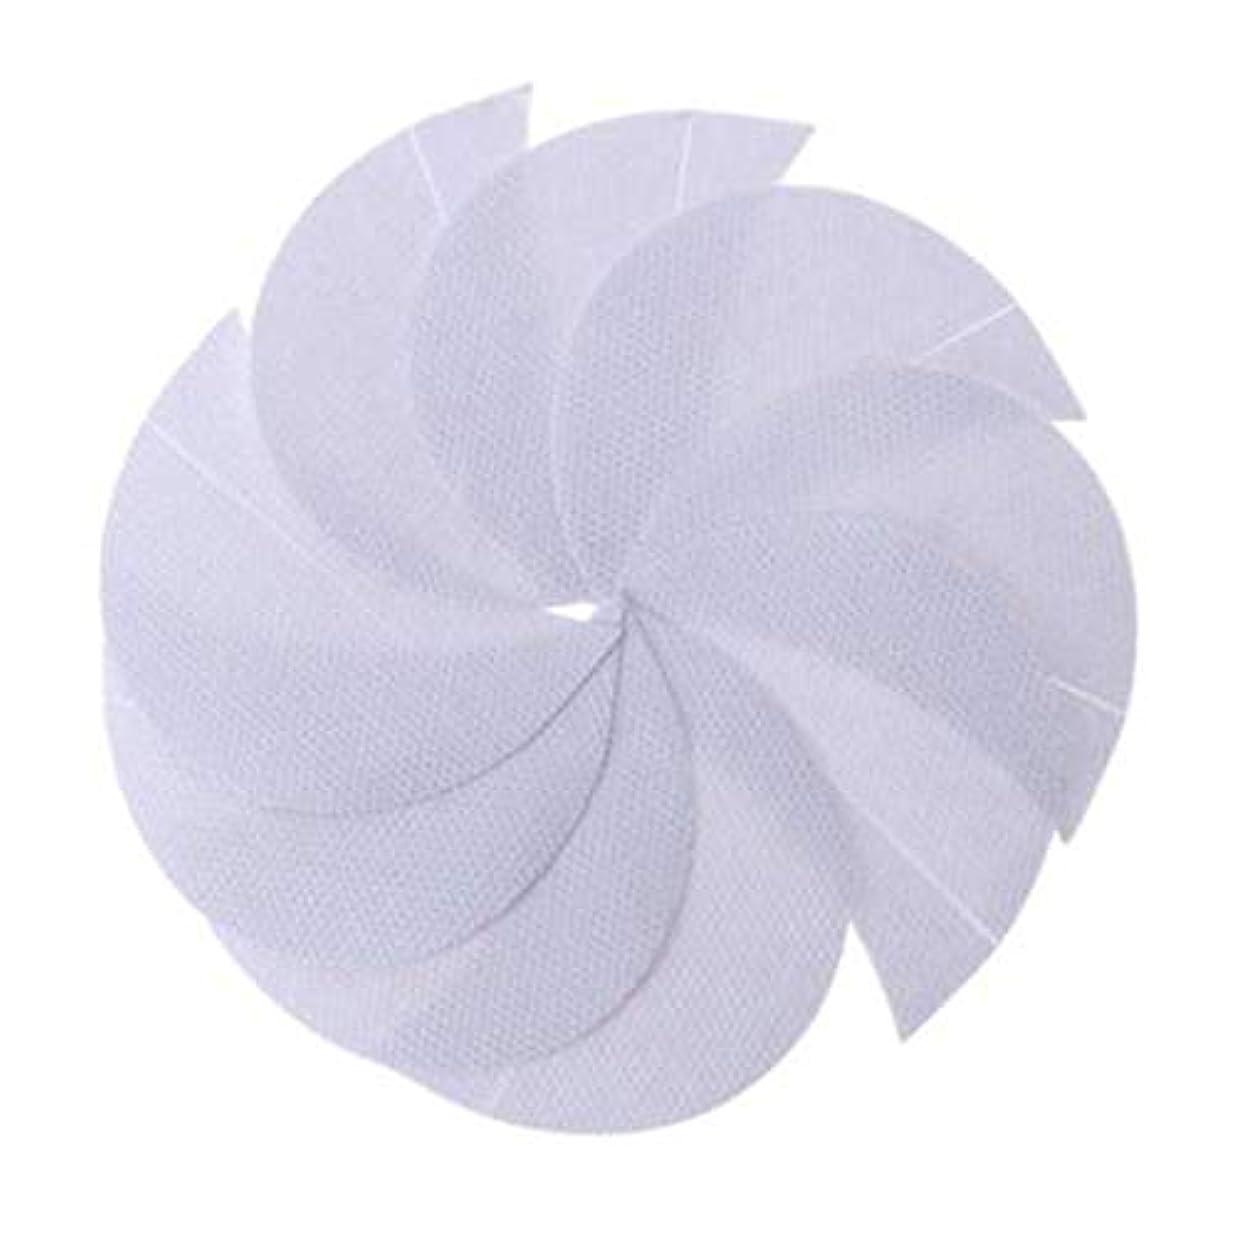 パイ病的ハンバーガーRabugogo 100個/袋不織布アイシャドーシールドアイシャドージェルパッドパッチアイシャドーステンシル防止まつげエクステ化粧品残留物